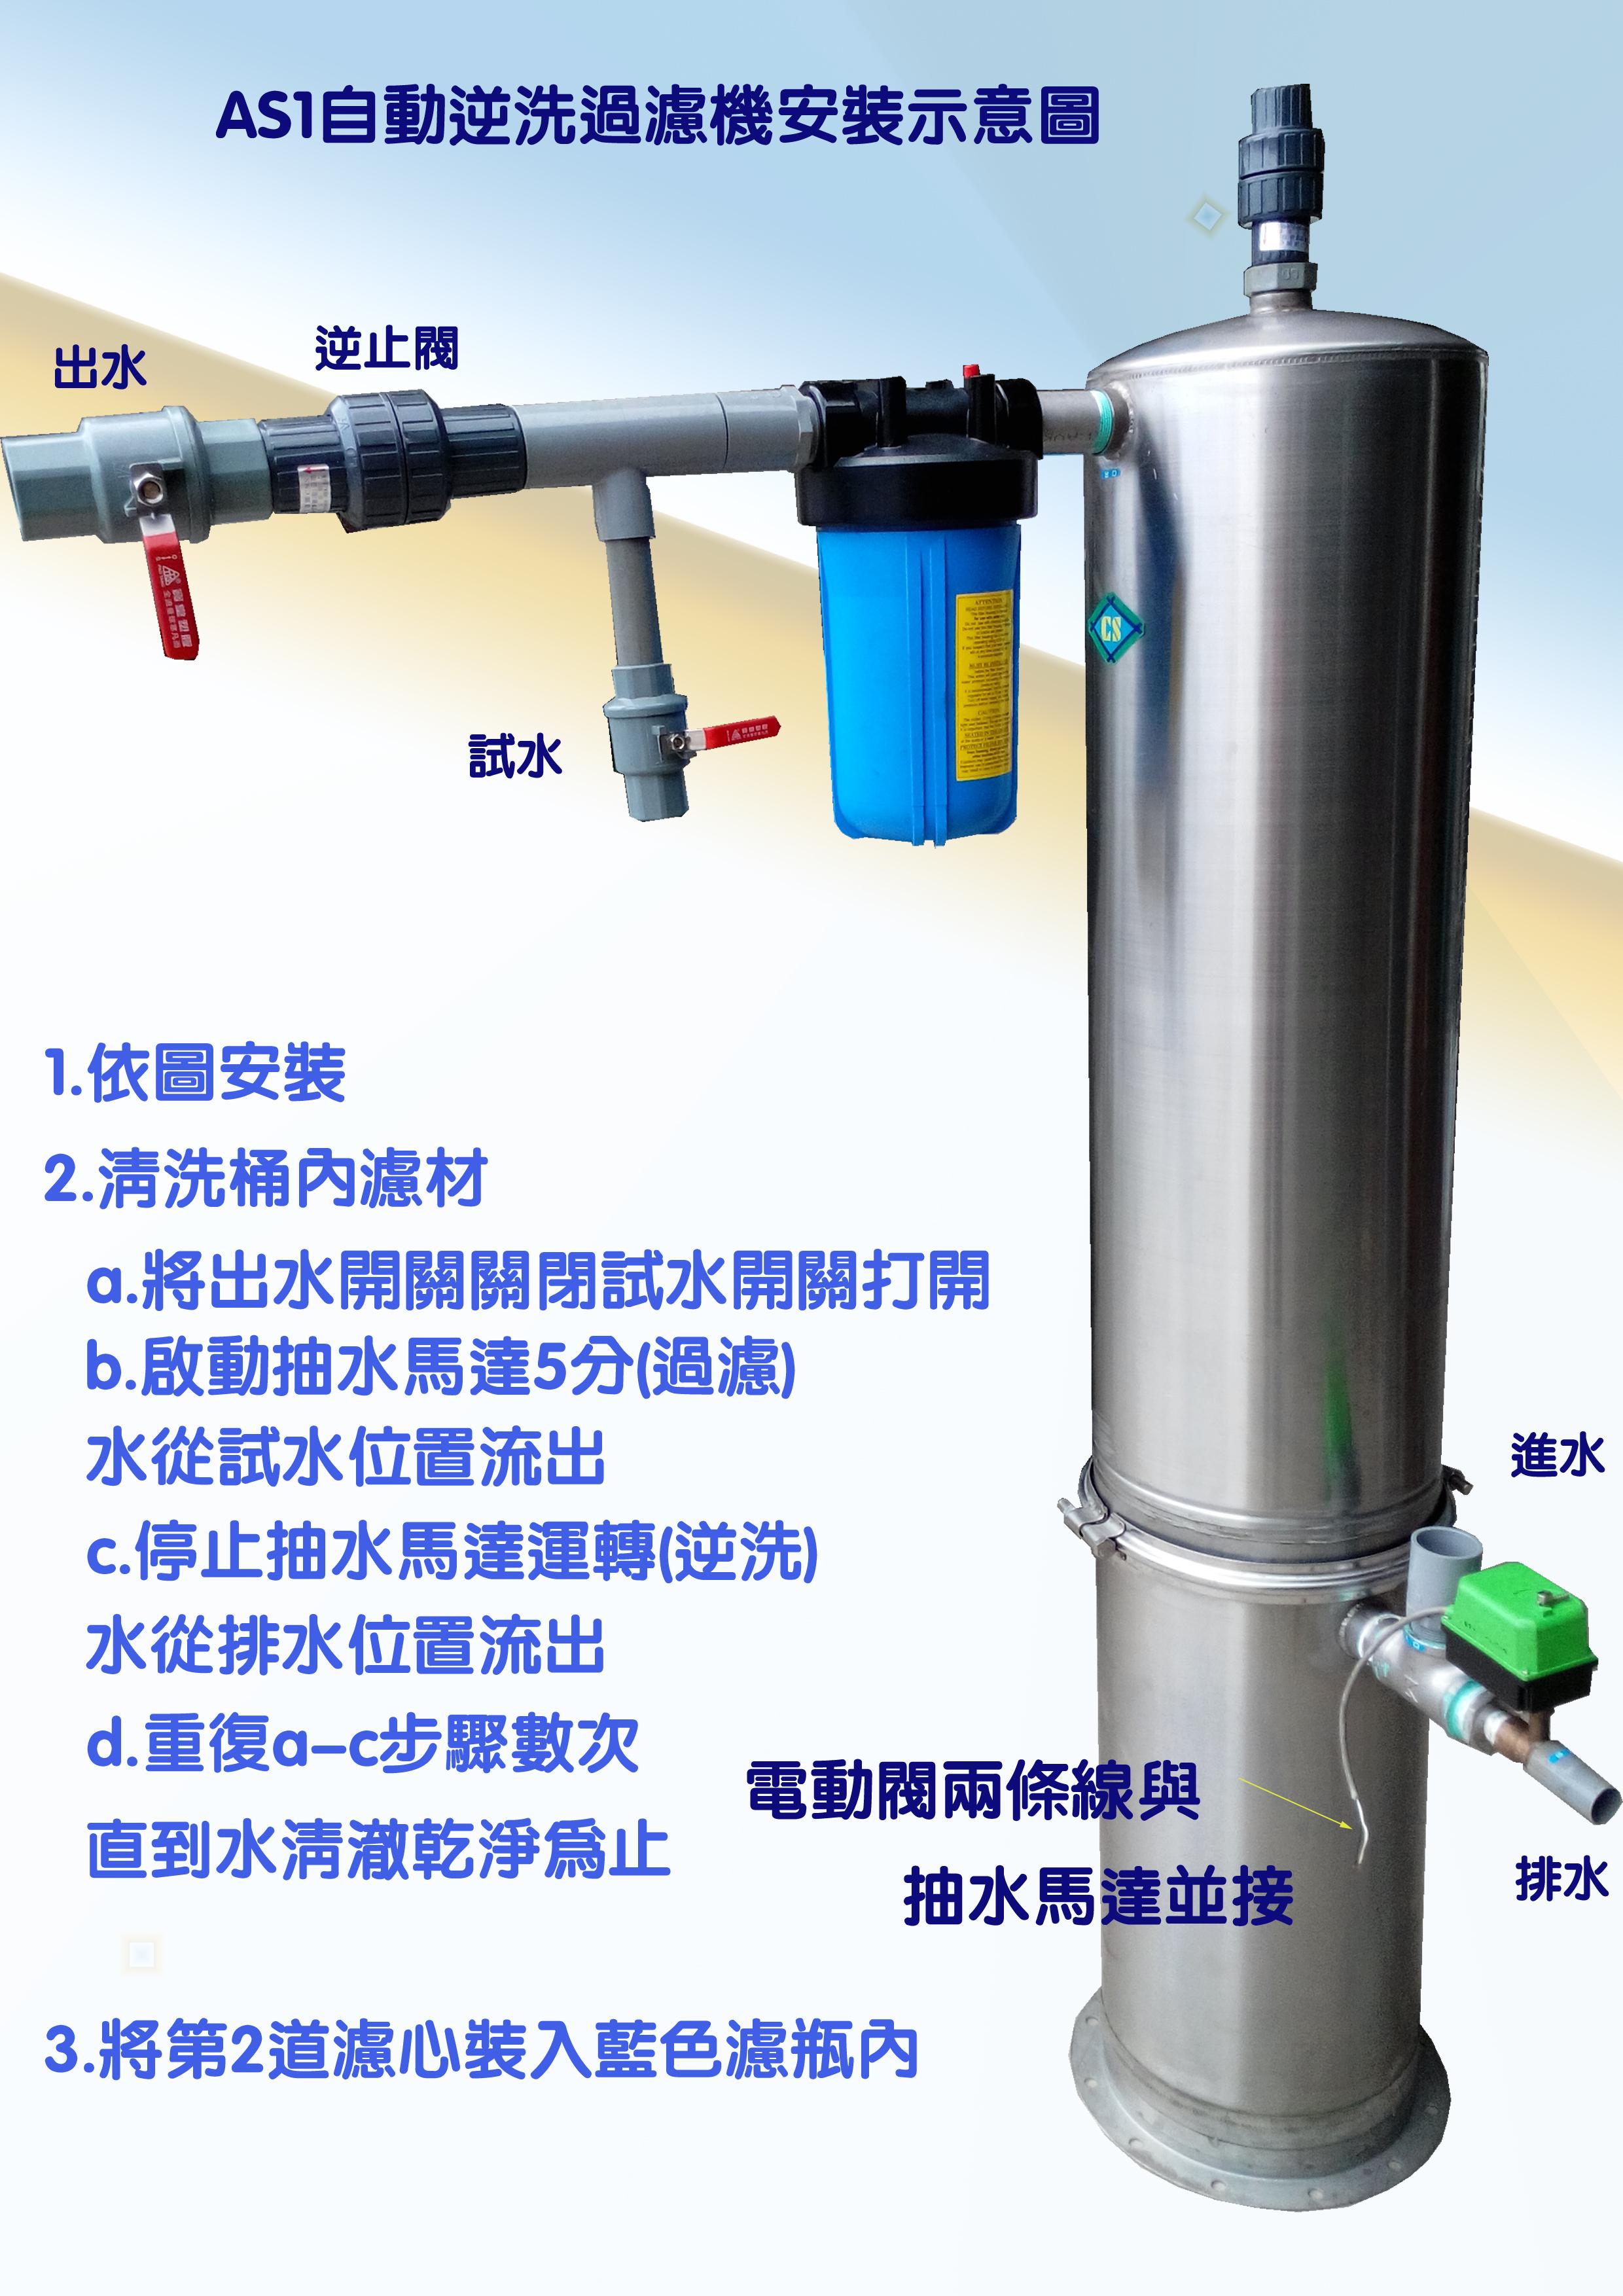 AS1自動逆洗過濾機-水世界生活館